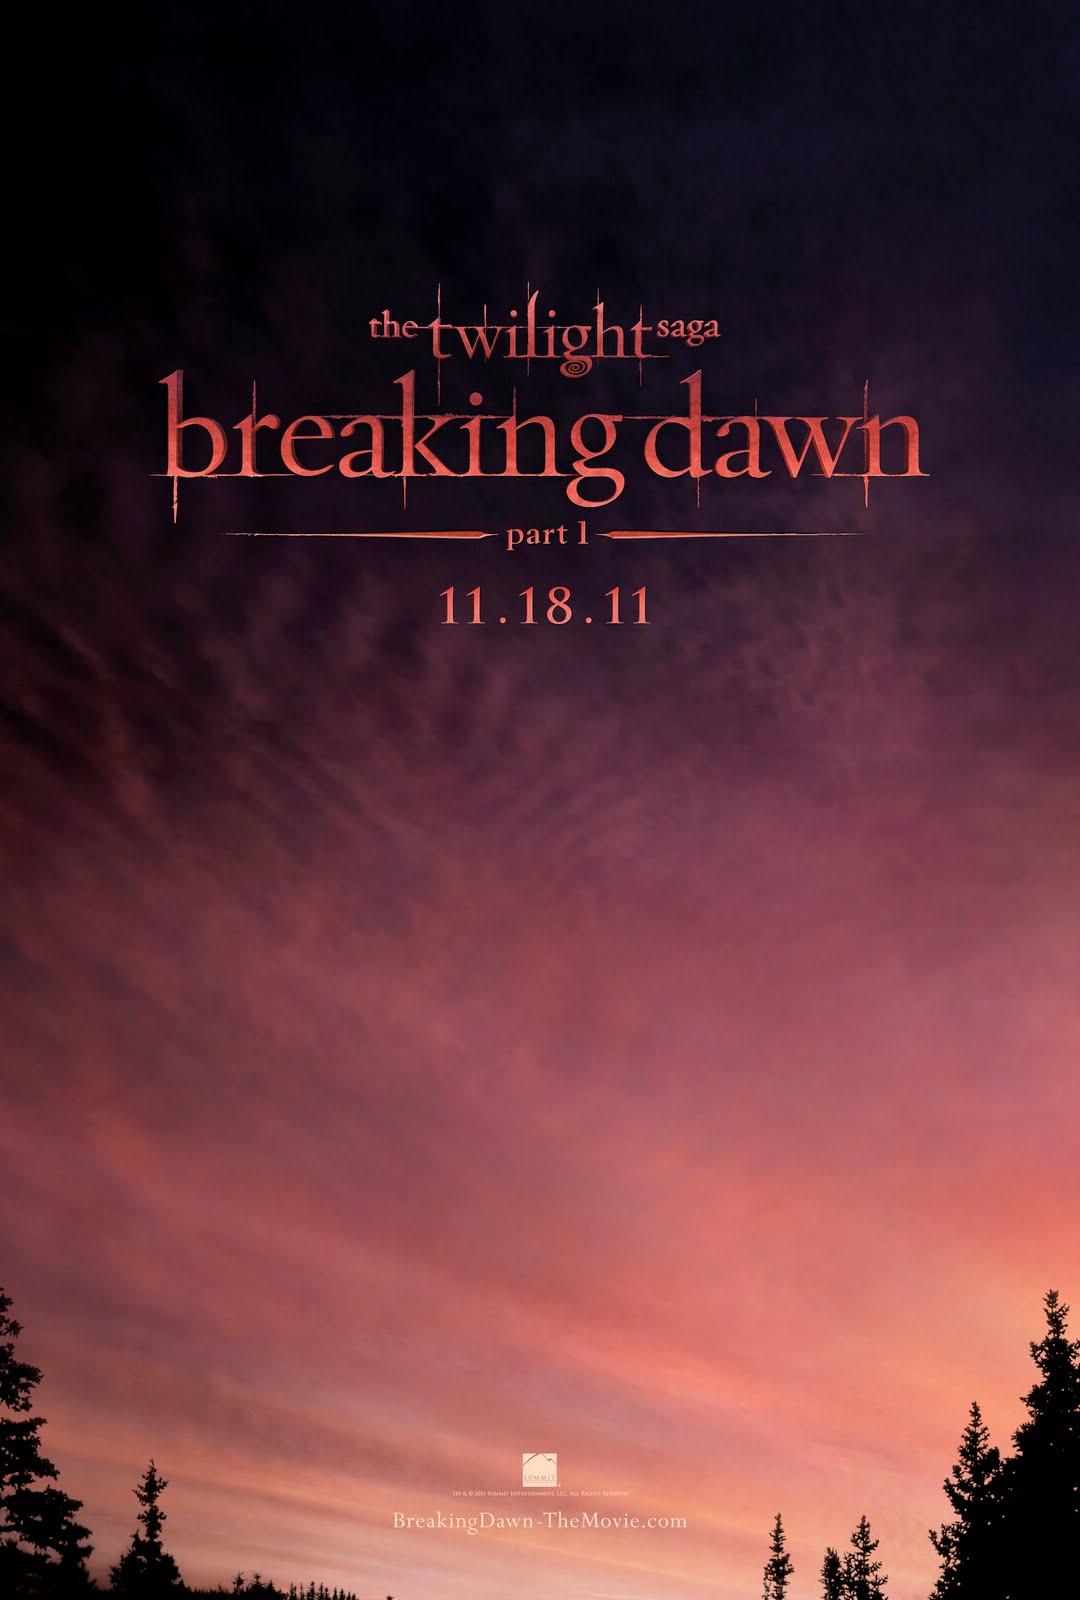 Fiche du film BD Part 1 [MAJ 11.11.11] Affiche%2Bteaser%2BBreaking%2BDawn%2Bpart%2B1